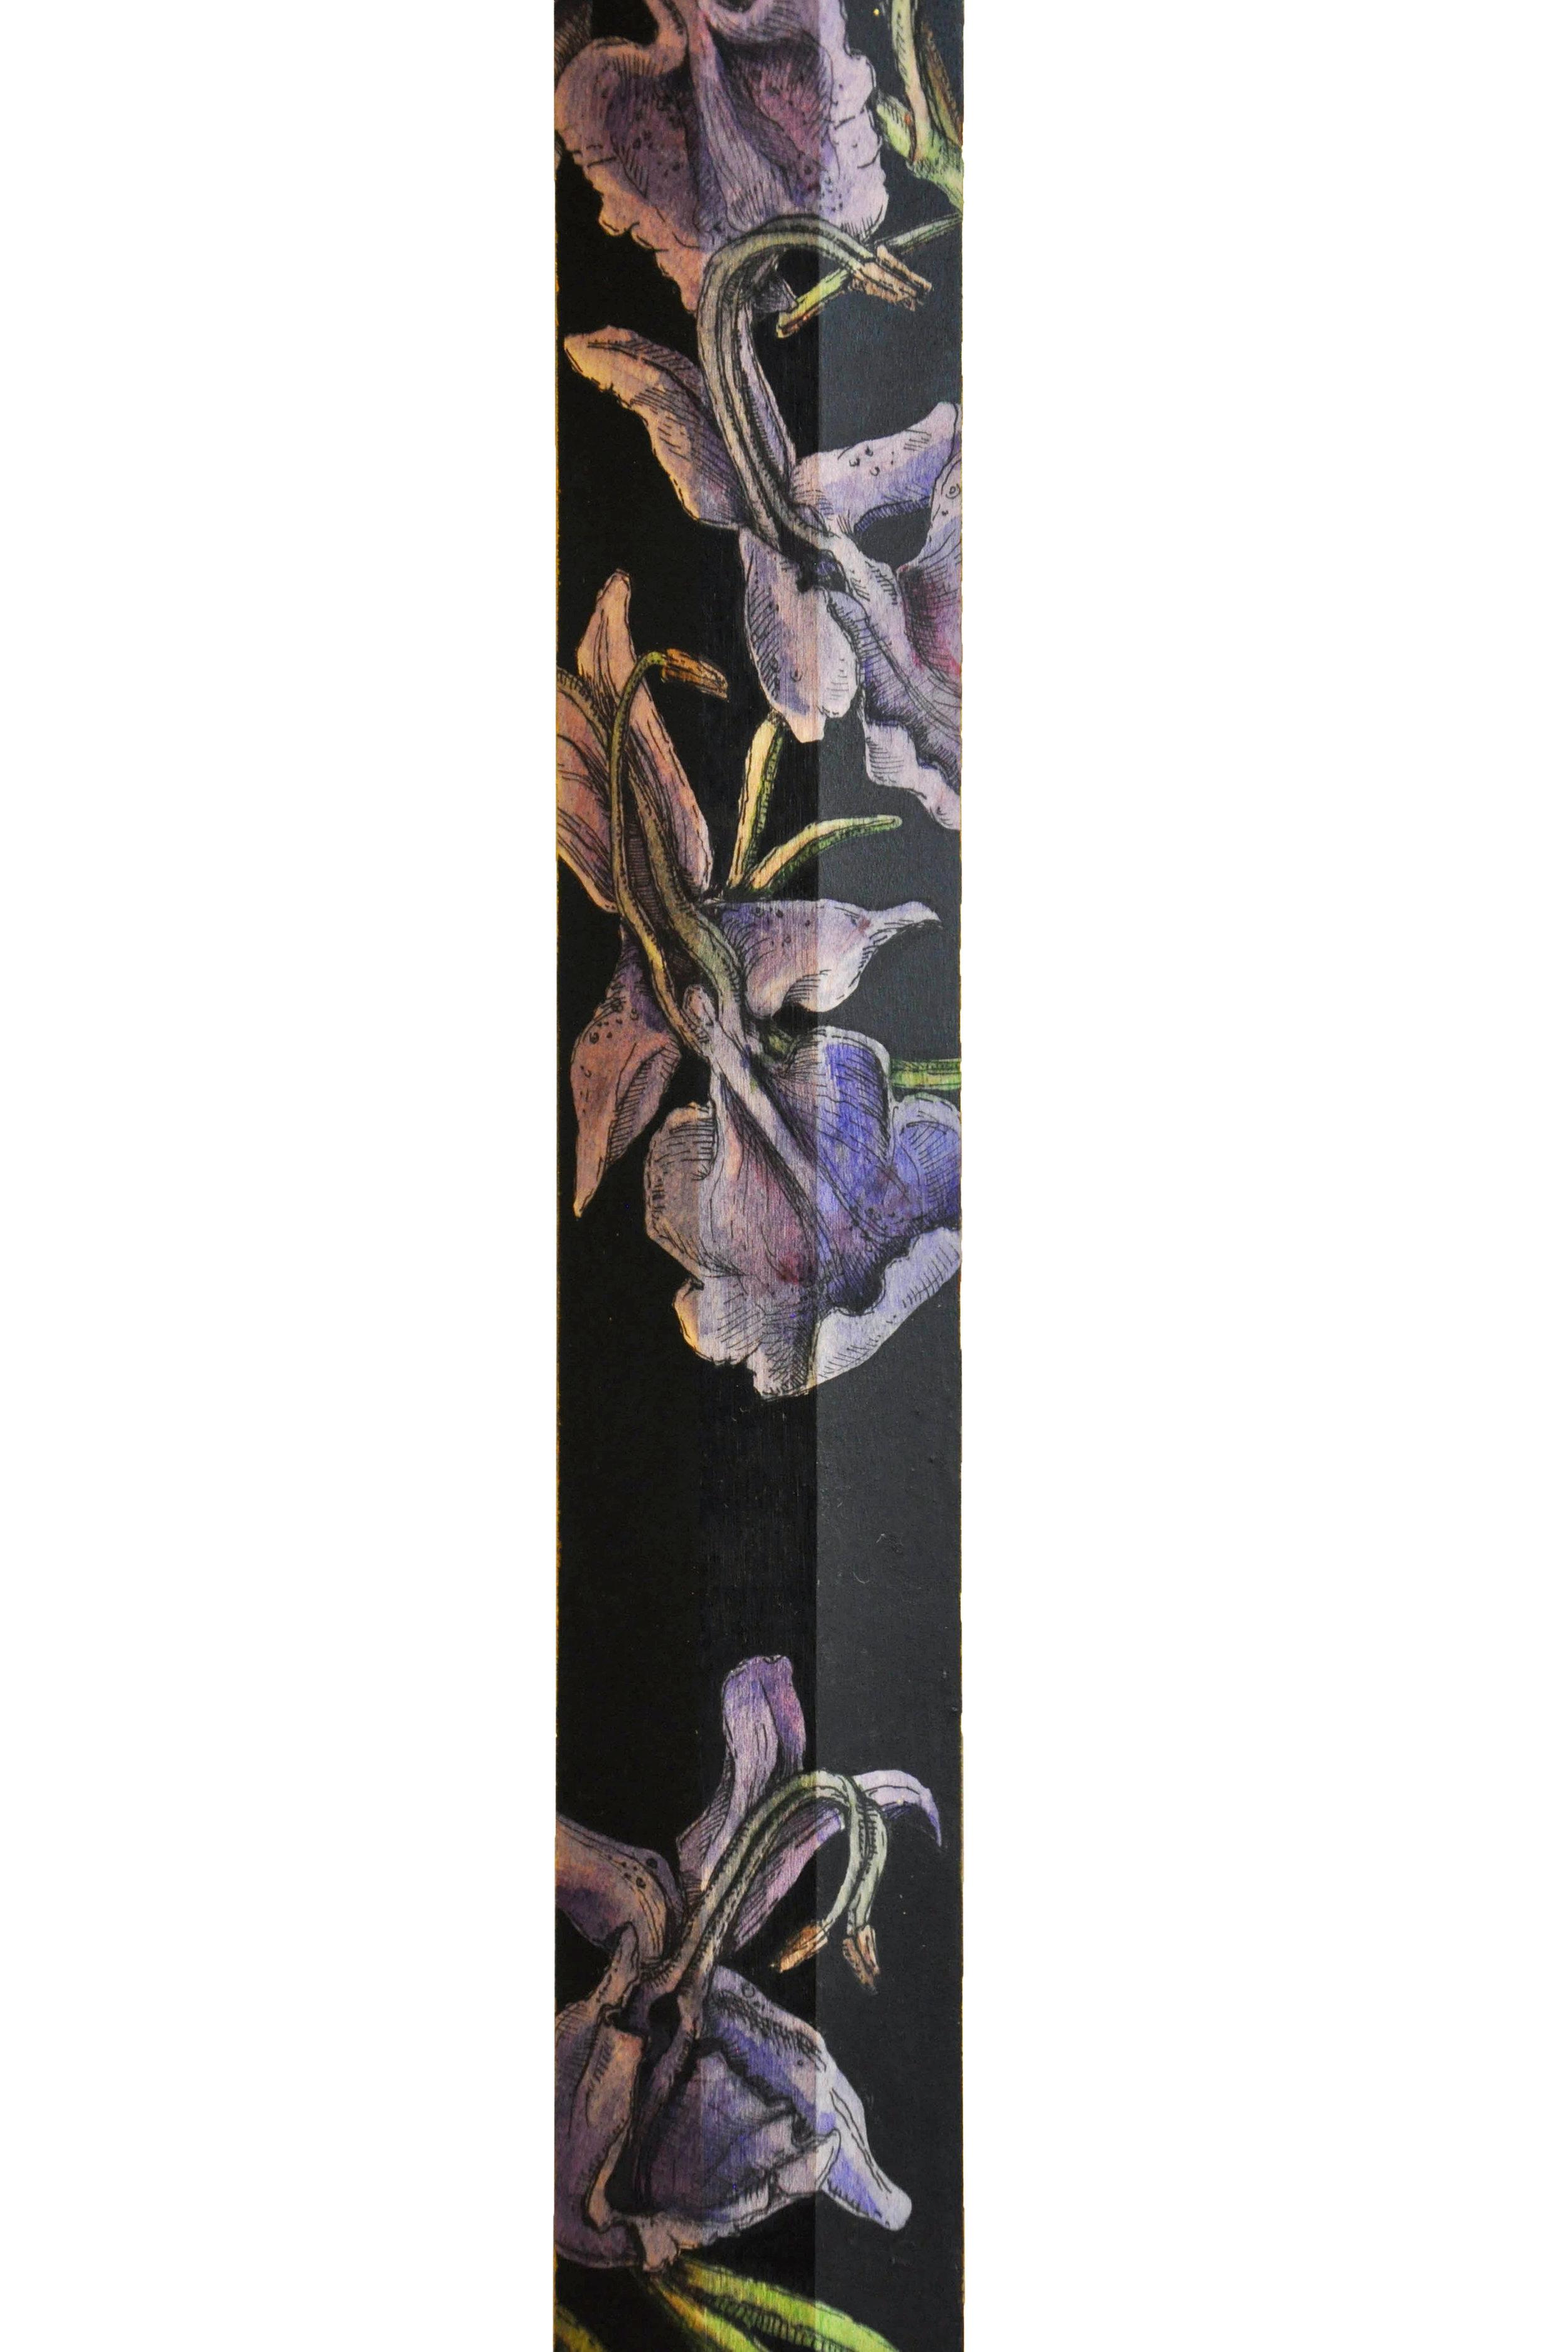 Sword-Rosemary-Detail-3.jpg